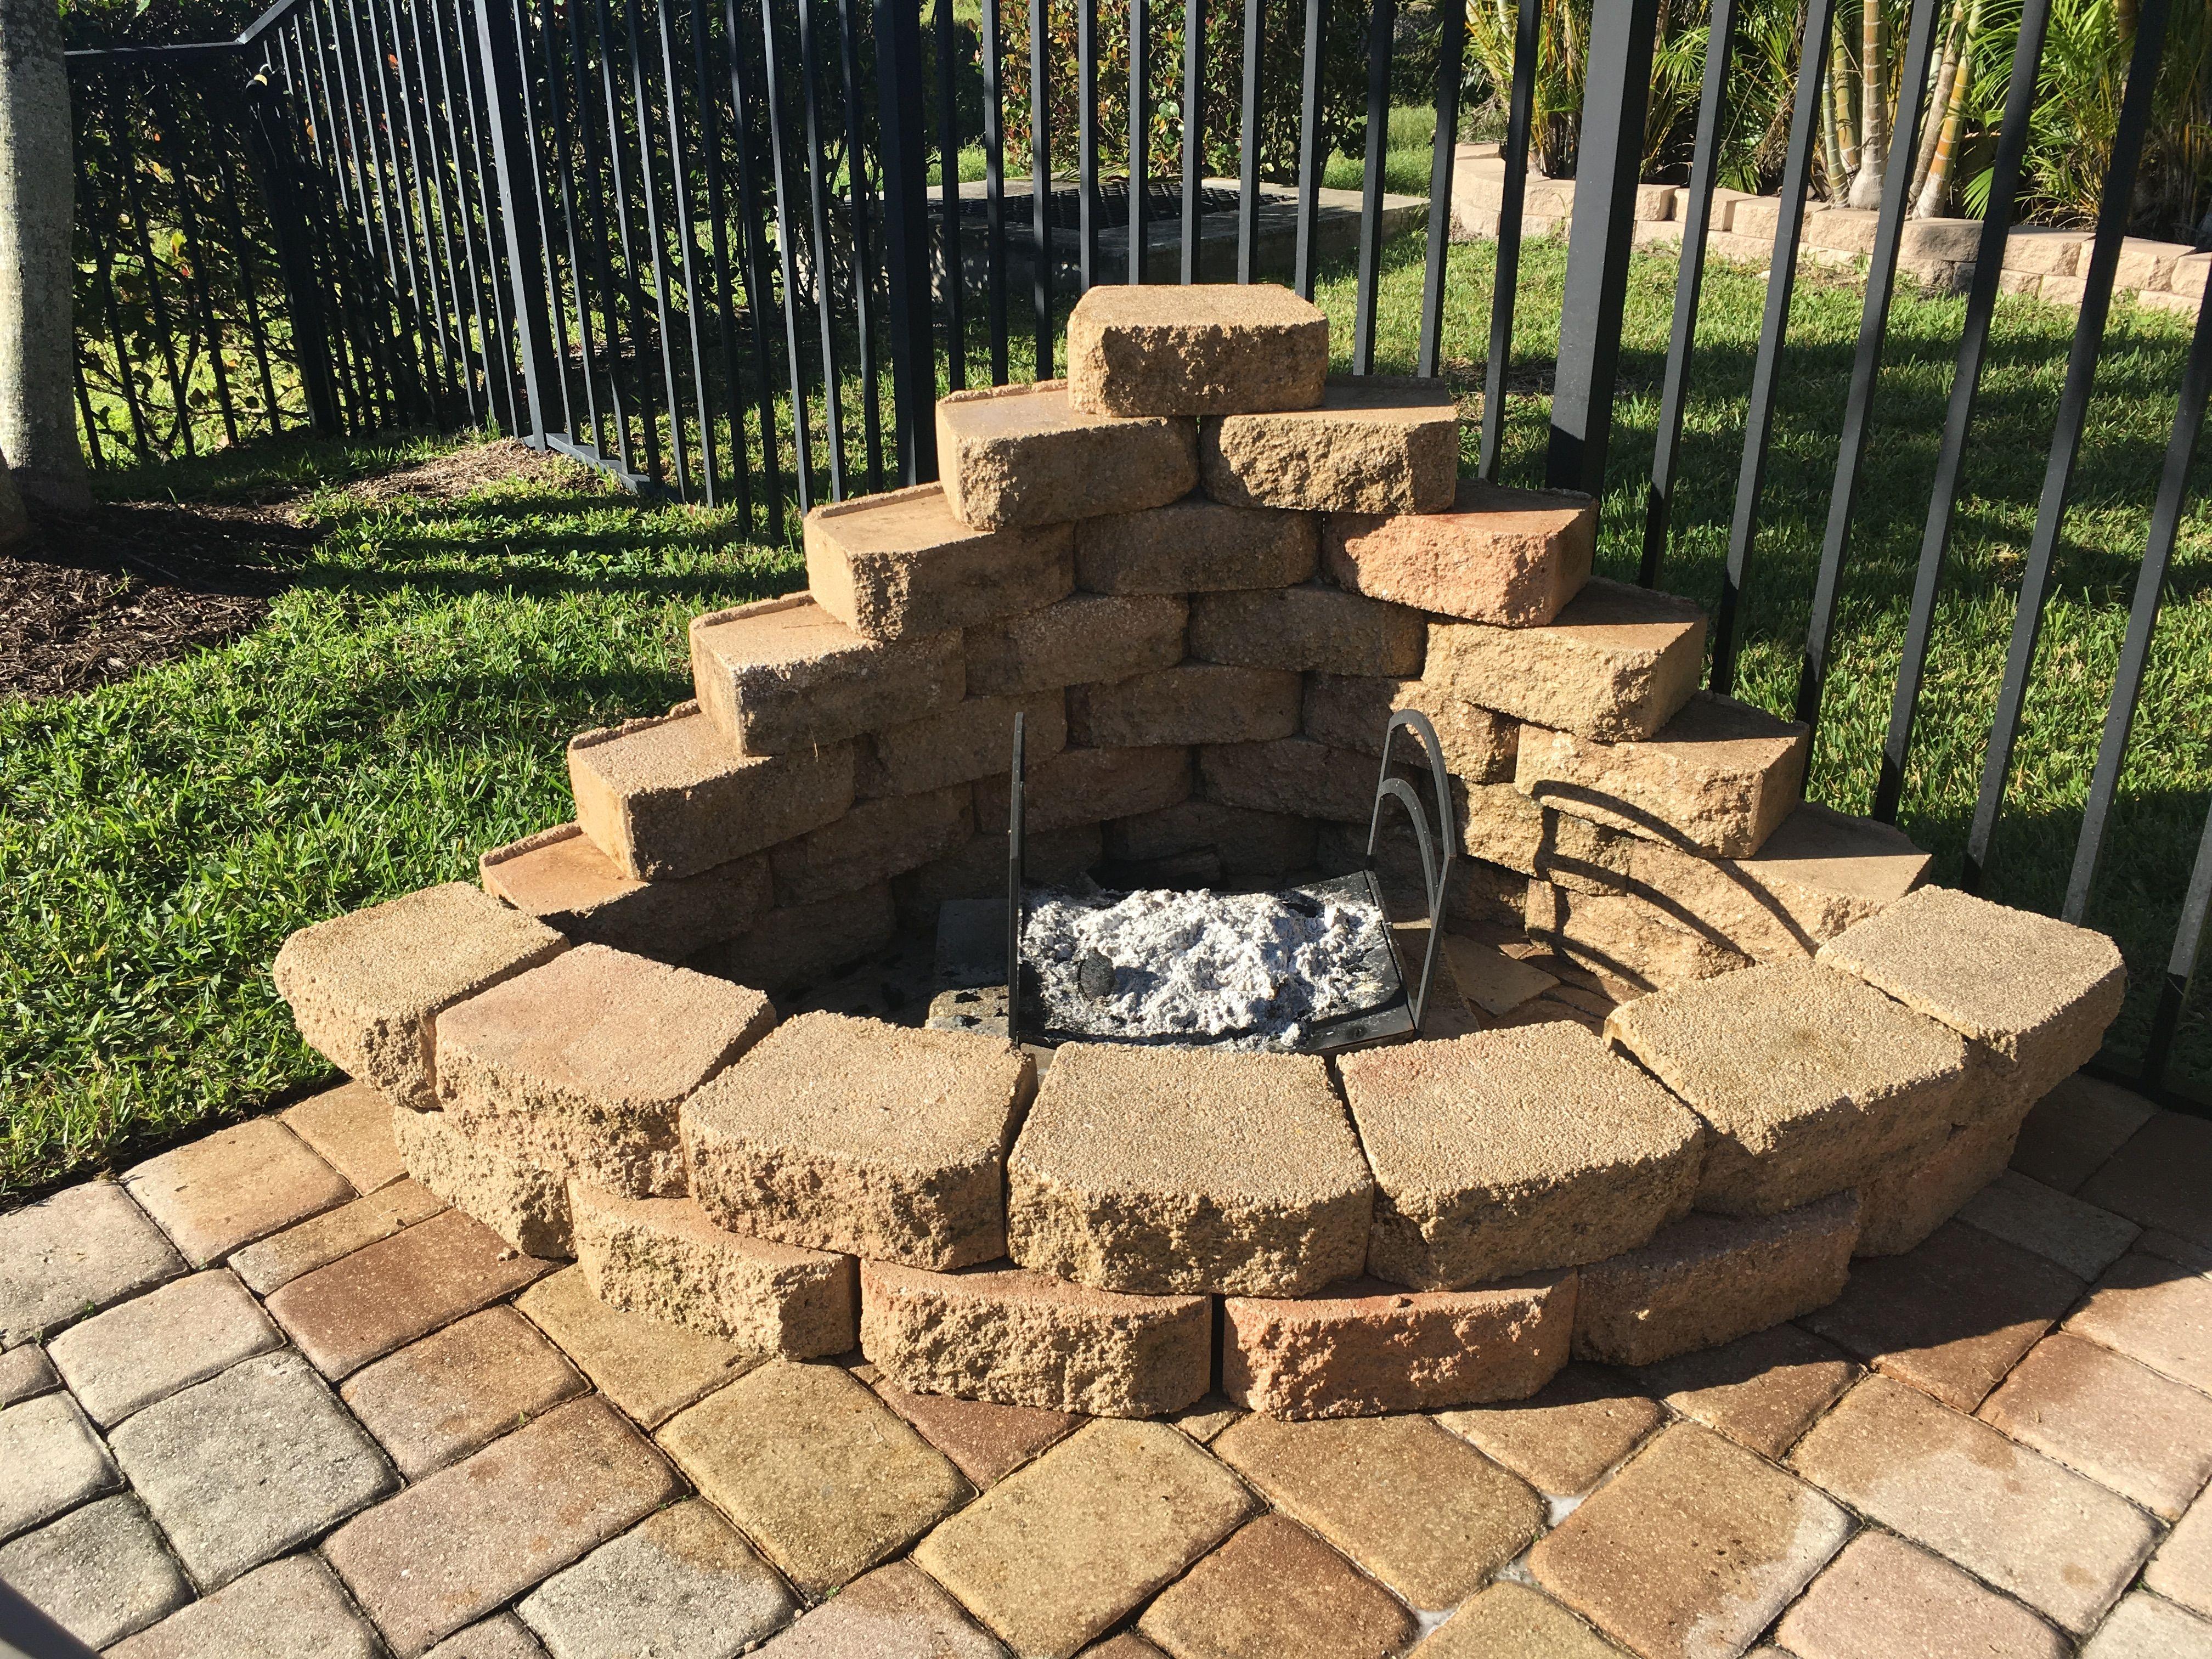 Diy Corner Fire Pit I Used Leftover Landscape Blocks And Made A